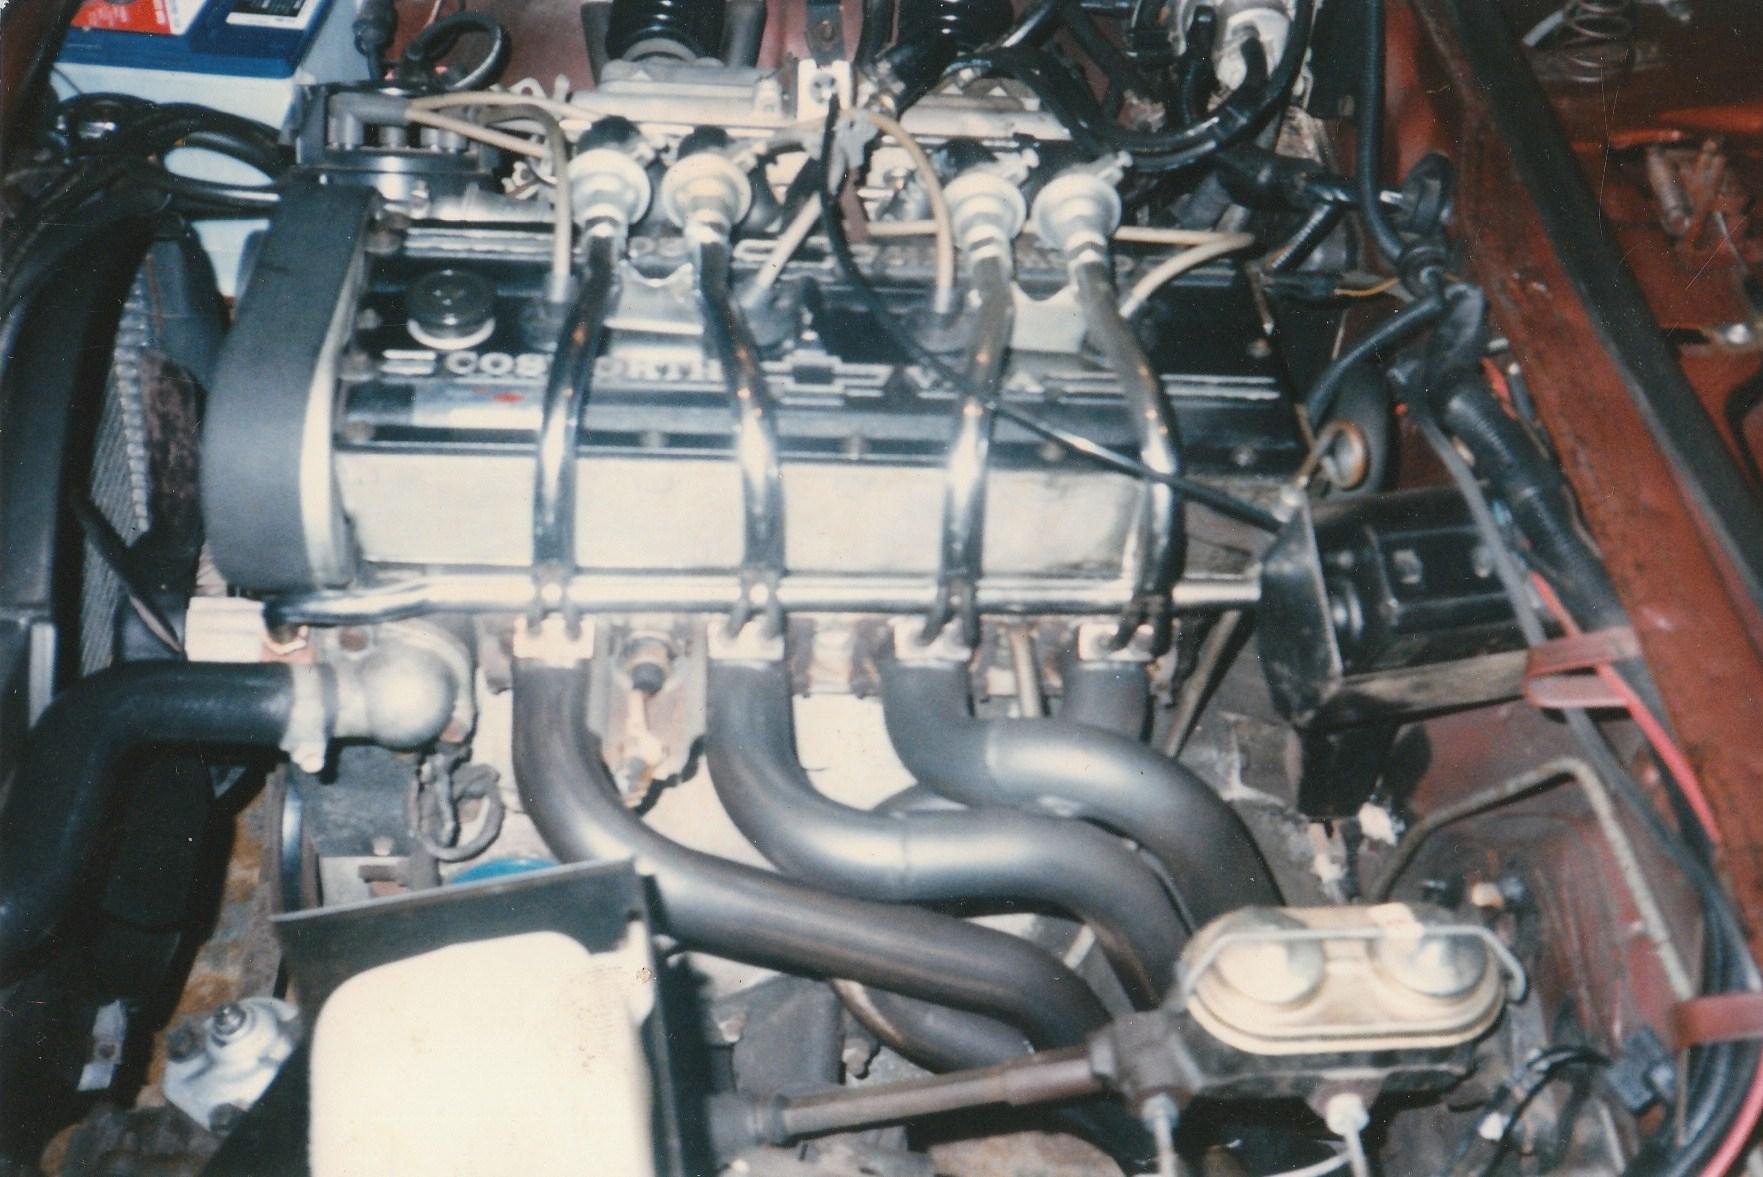 Chevrolutionary! - 1973 Chevrolet Vega GT Millionth E - Hemmings ...